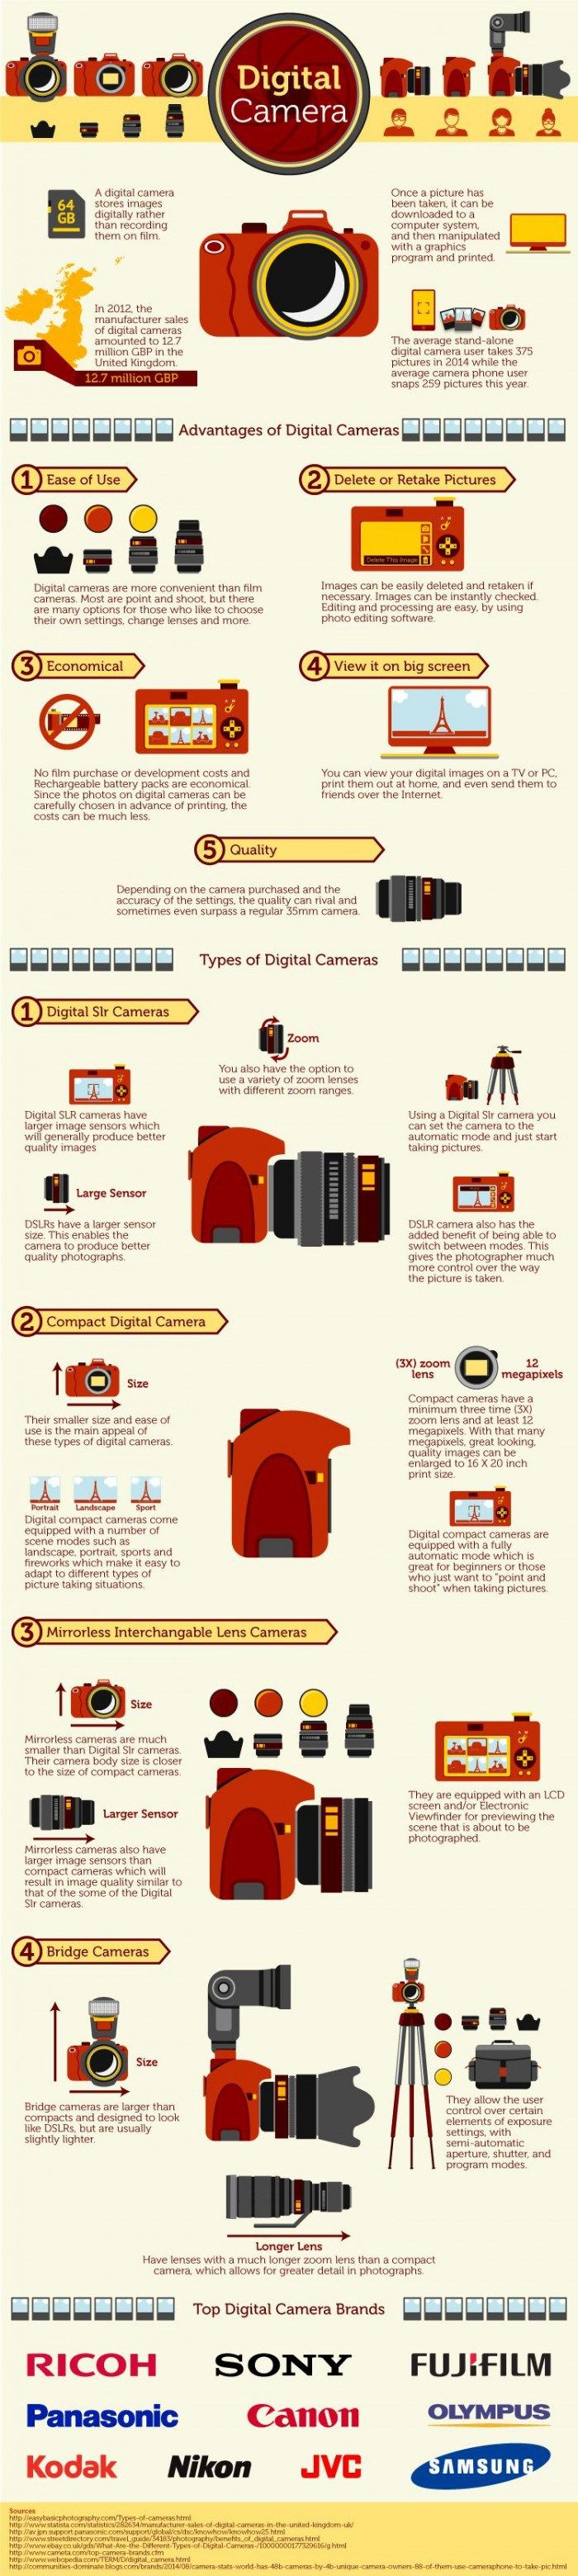 Panduan Fotografi #3 - Mengenal Kamera Digital dan Berbagai Jenisnya - http://rumorkamera.com/catatan-kami/panduan-fotografi-3-mengenal-kamera-digital-dan-berbagai-jenisnya/